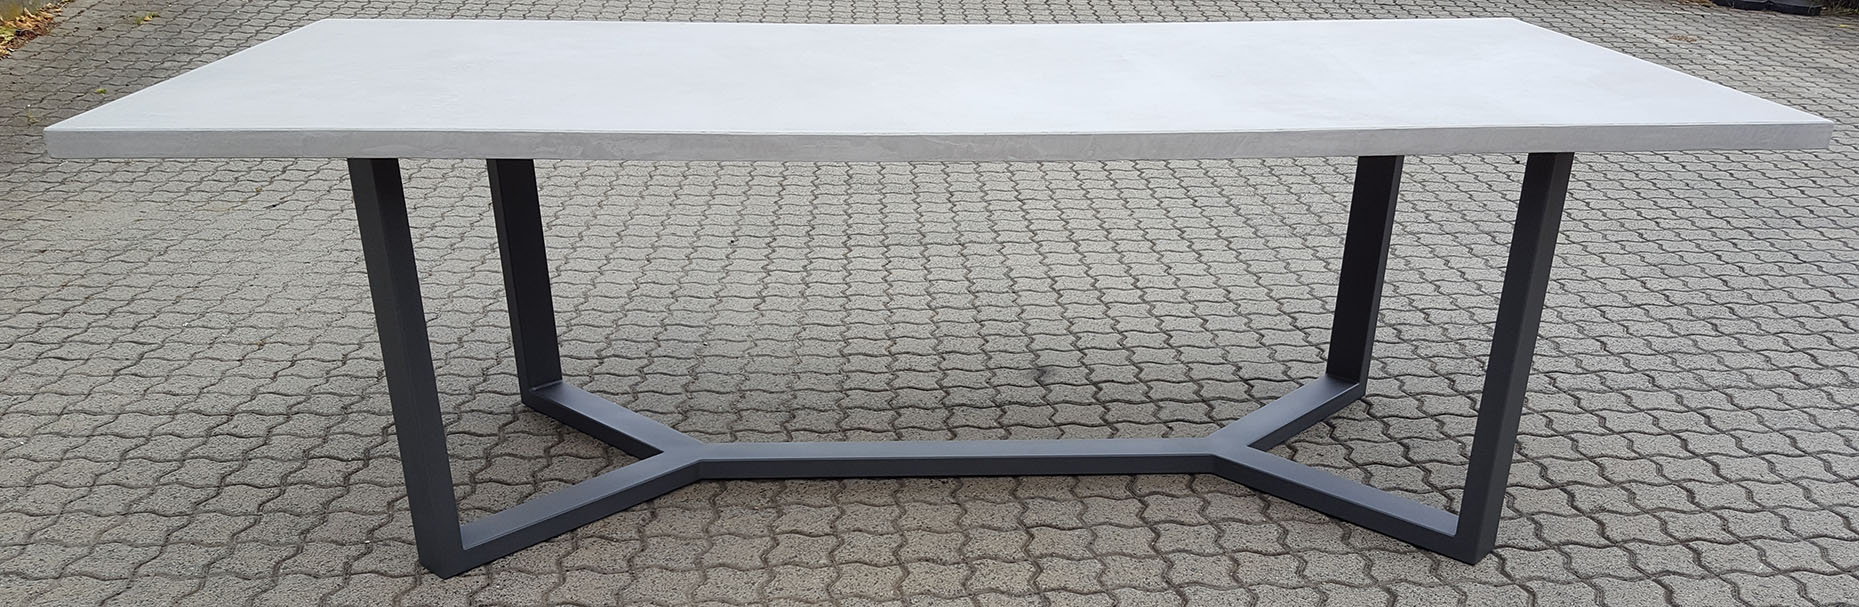 Masstisch Beton Spachtelbeton Esstisch Schreibtisch Betonboden Gussboden fugenlos Treppe grau Küche Bad Badezimmer Wohnzimmer Möbel mainTisch mainBeton mainGrill 1